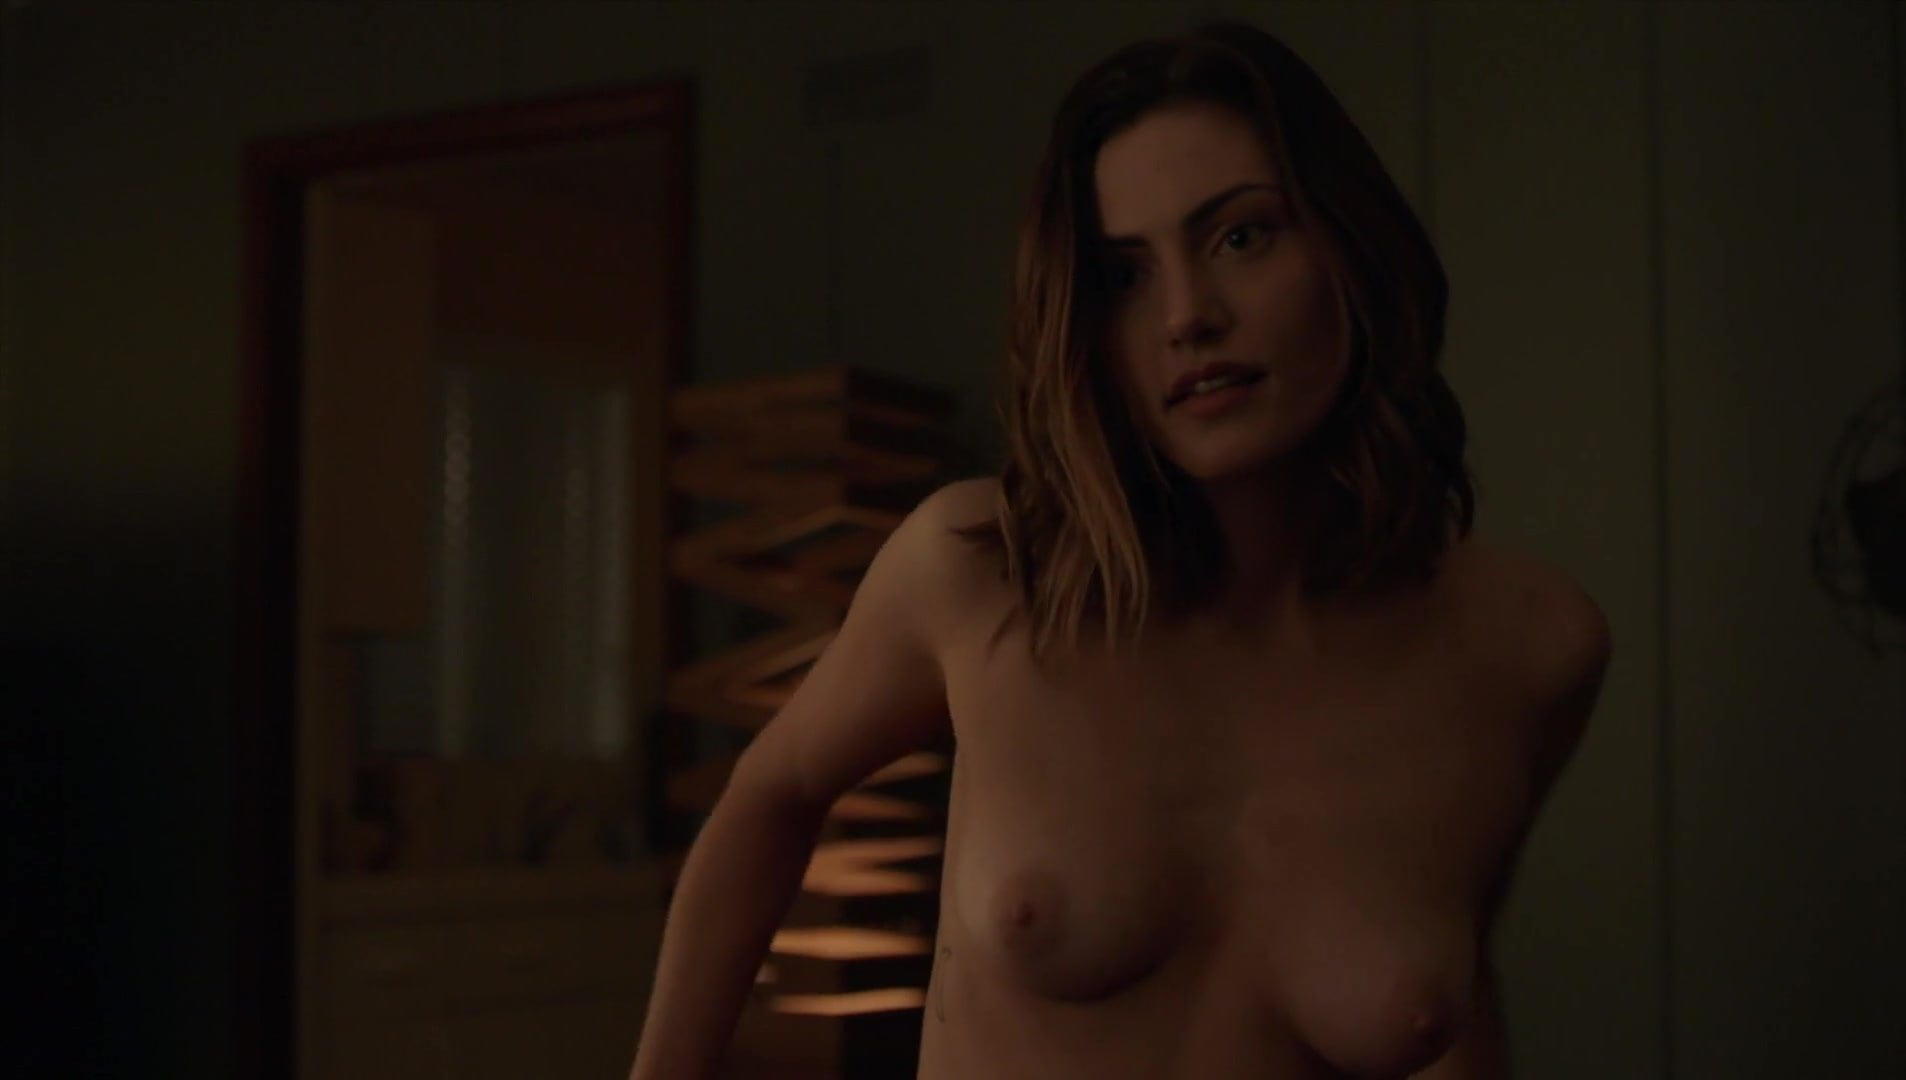 phoebe tonkin porno